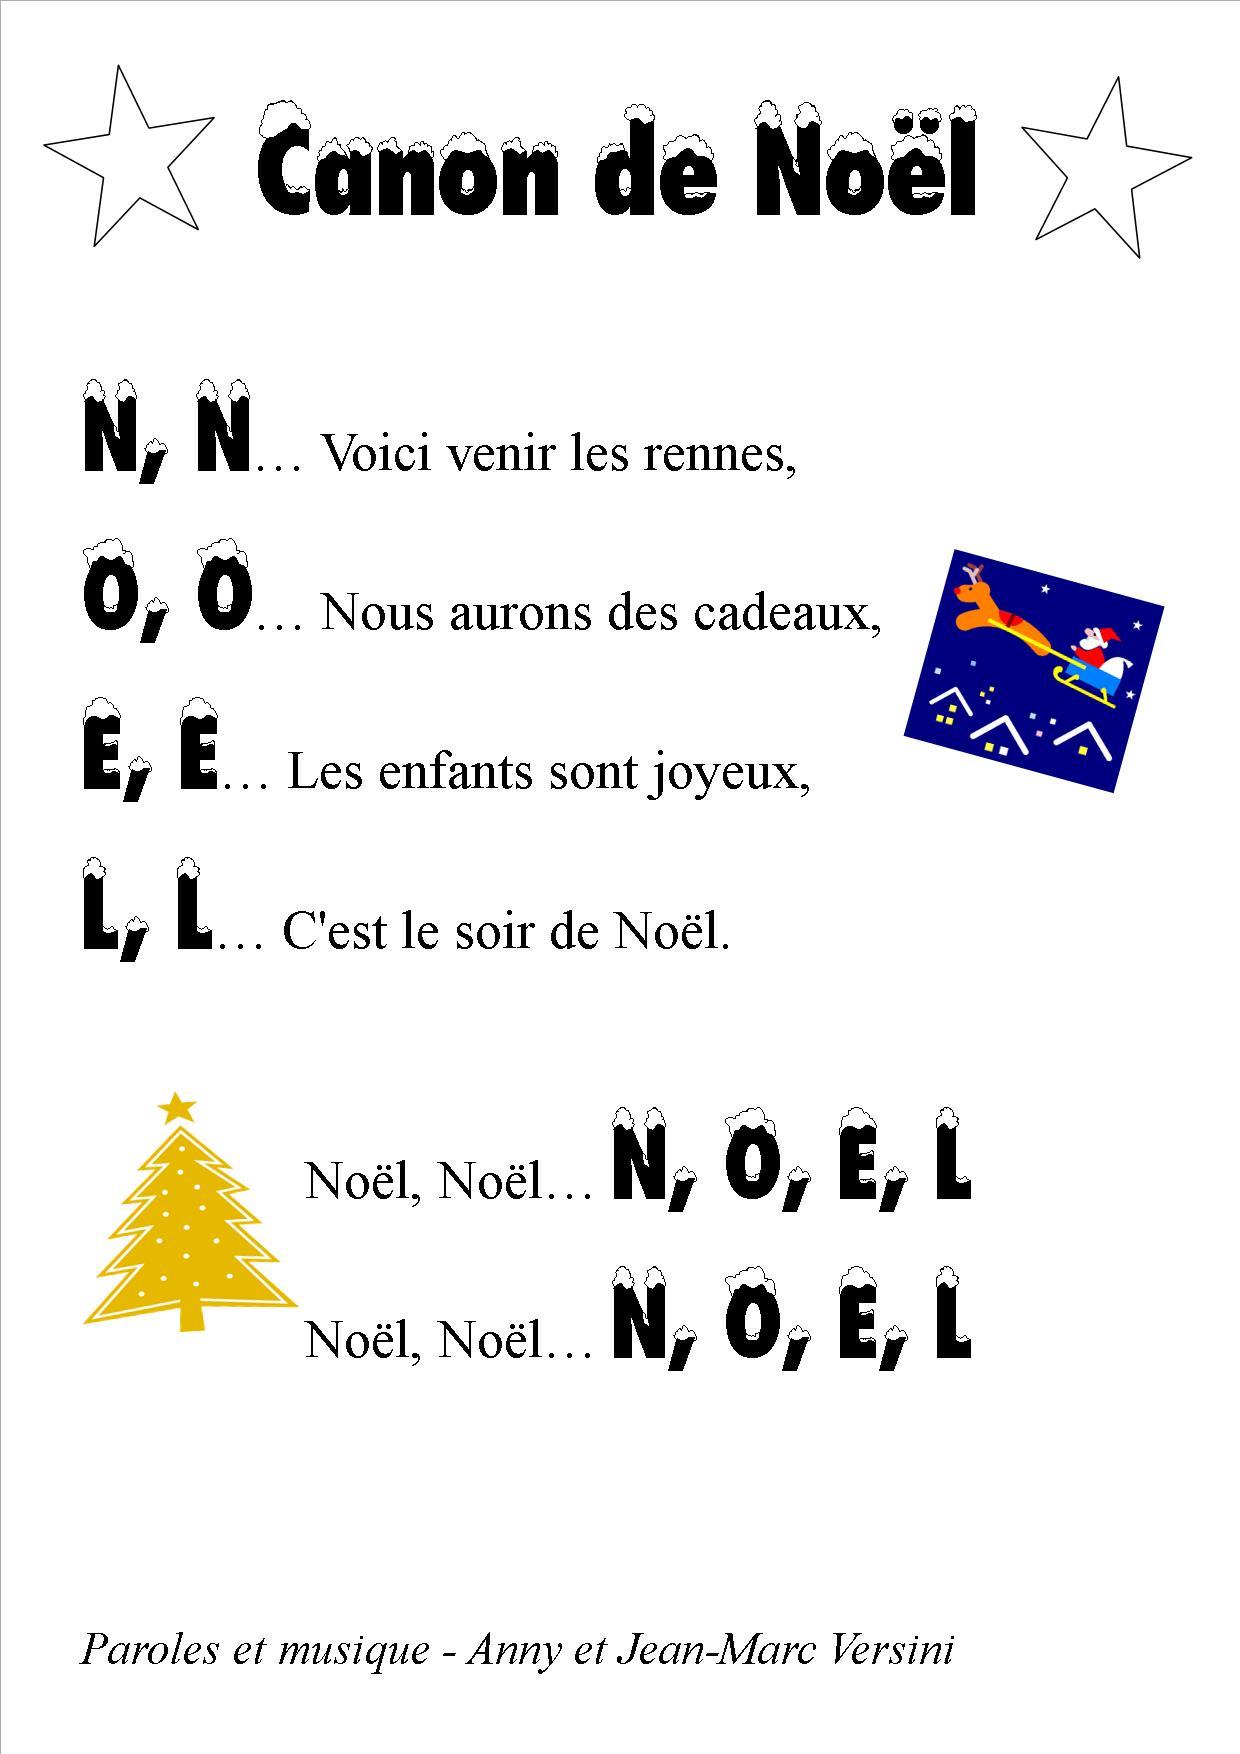 Comptine De Noel Pour Tout Petit : comptine, petit, Chanson, Canon, Maternelle